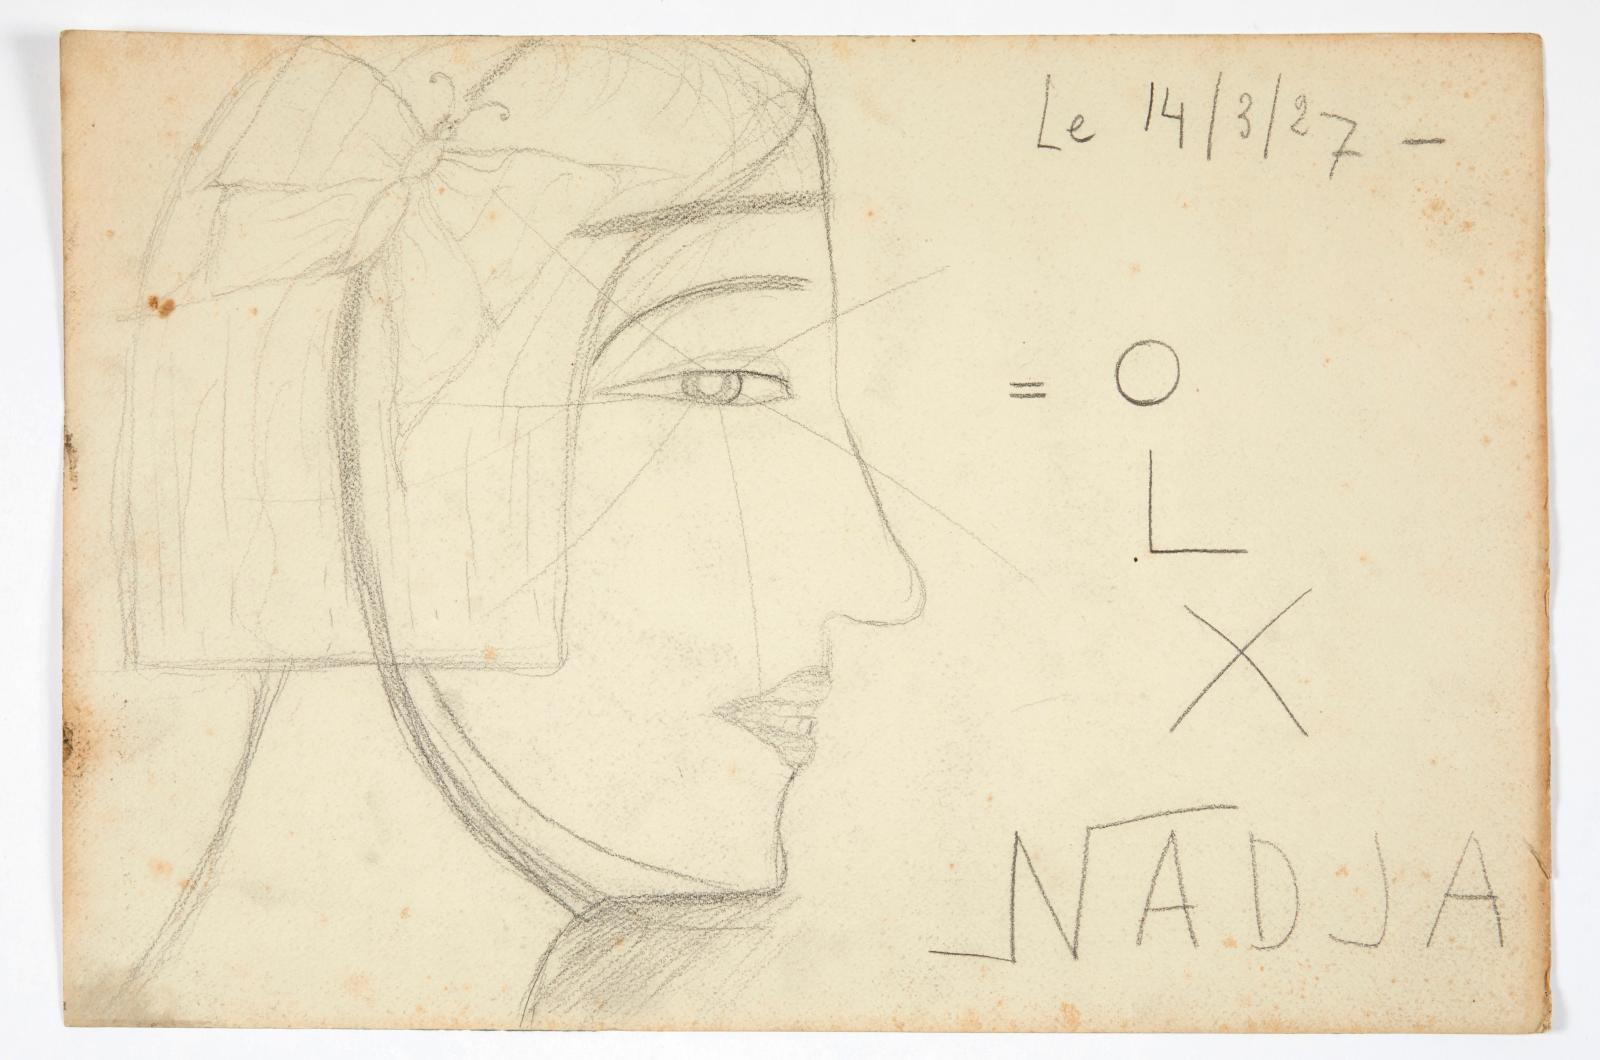 Autoportrait de Nadja, sans lieu [Paris], le 14/3/27, 43x29cm. Dessin au crayon vendu 36400€ lors de la dispersion de la collection d